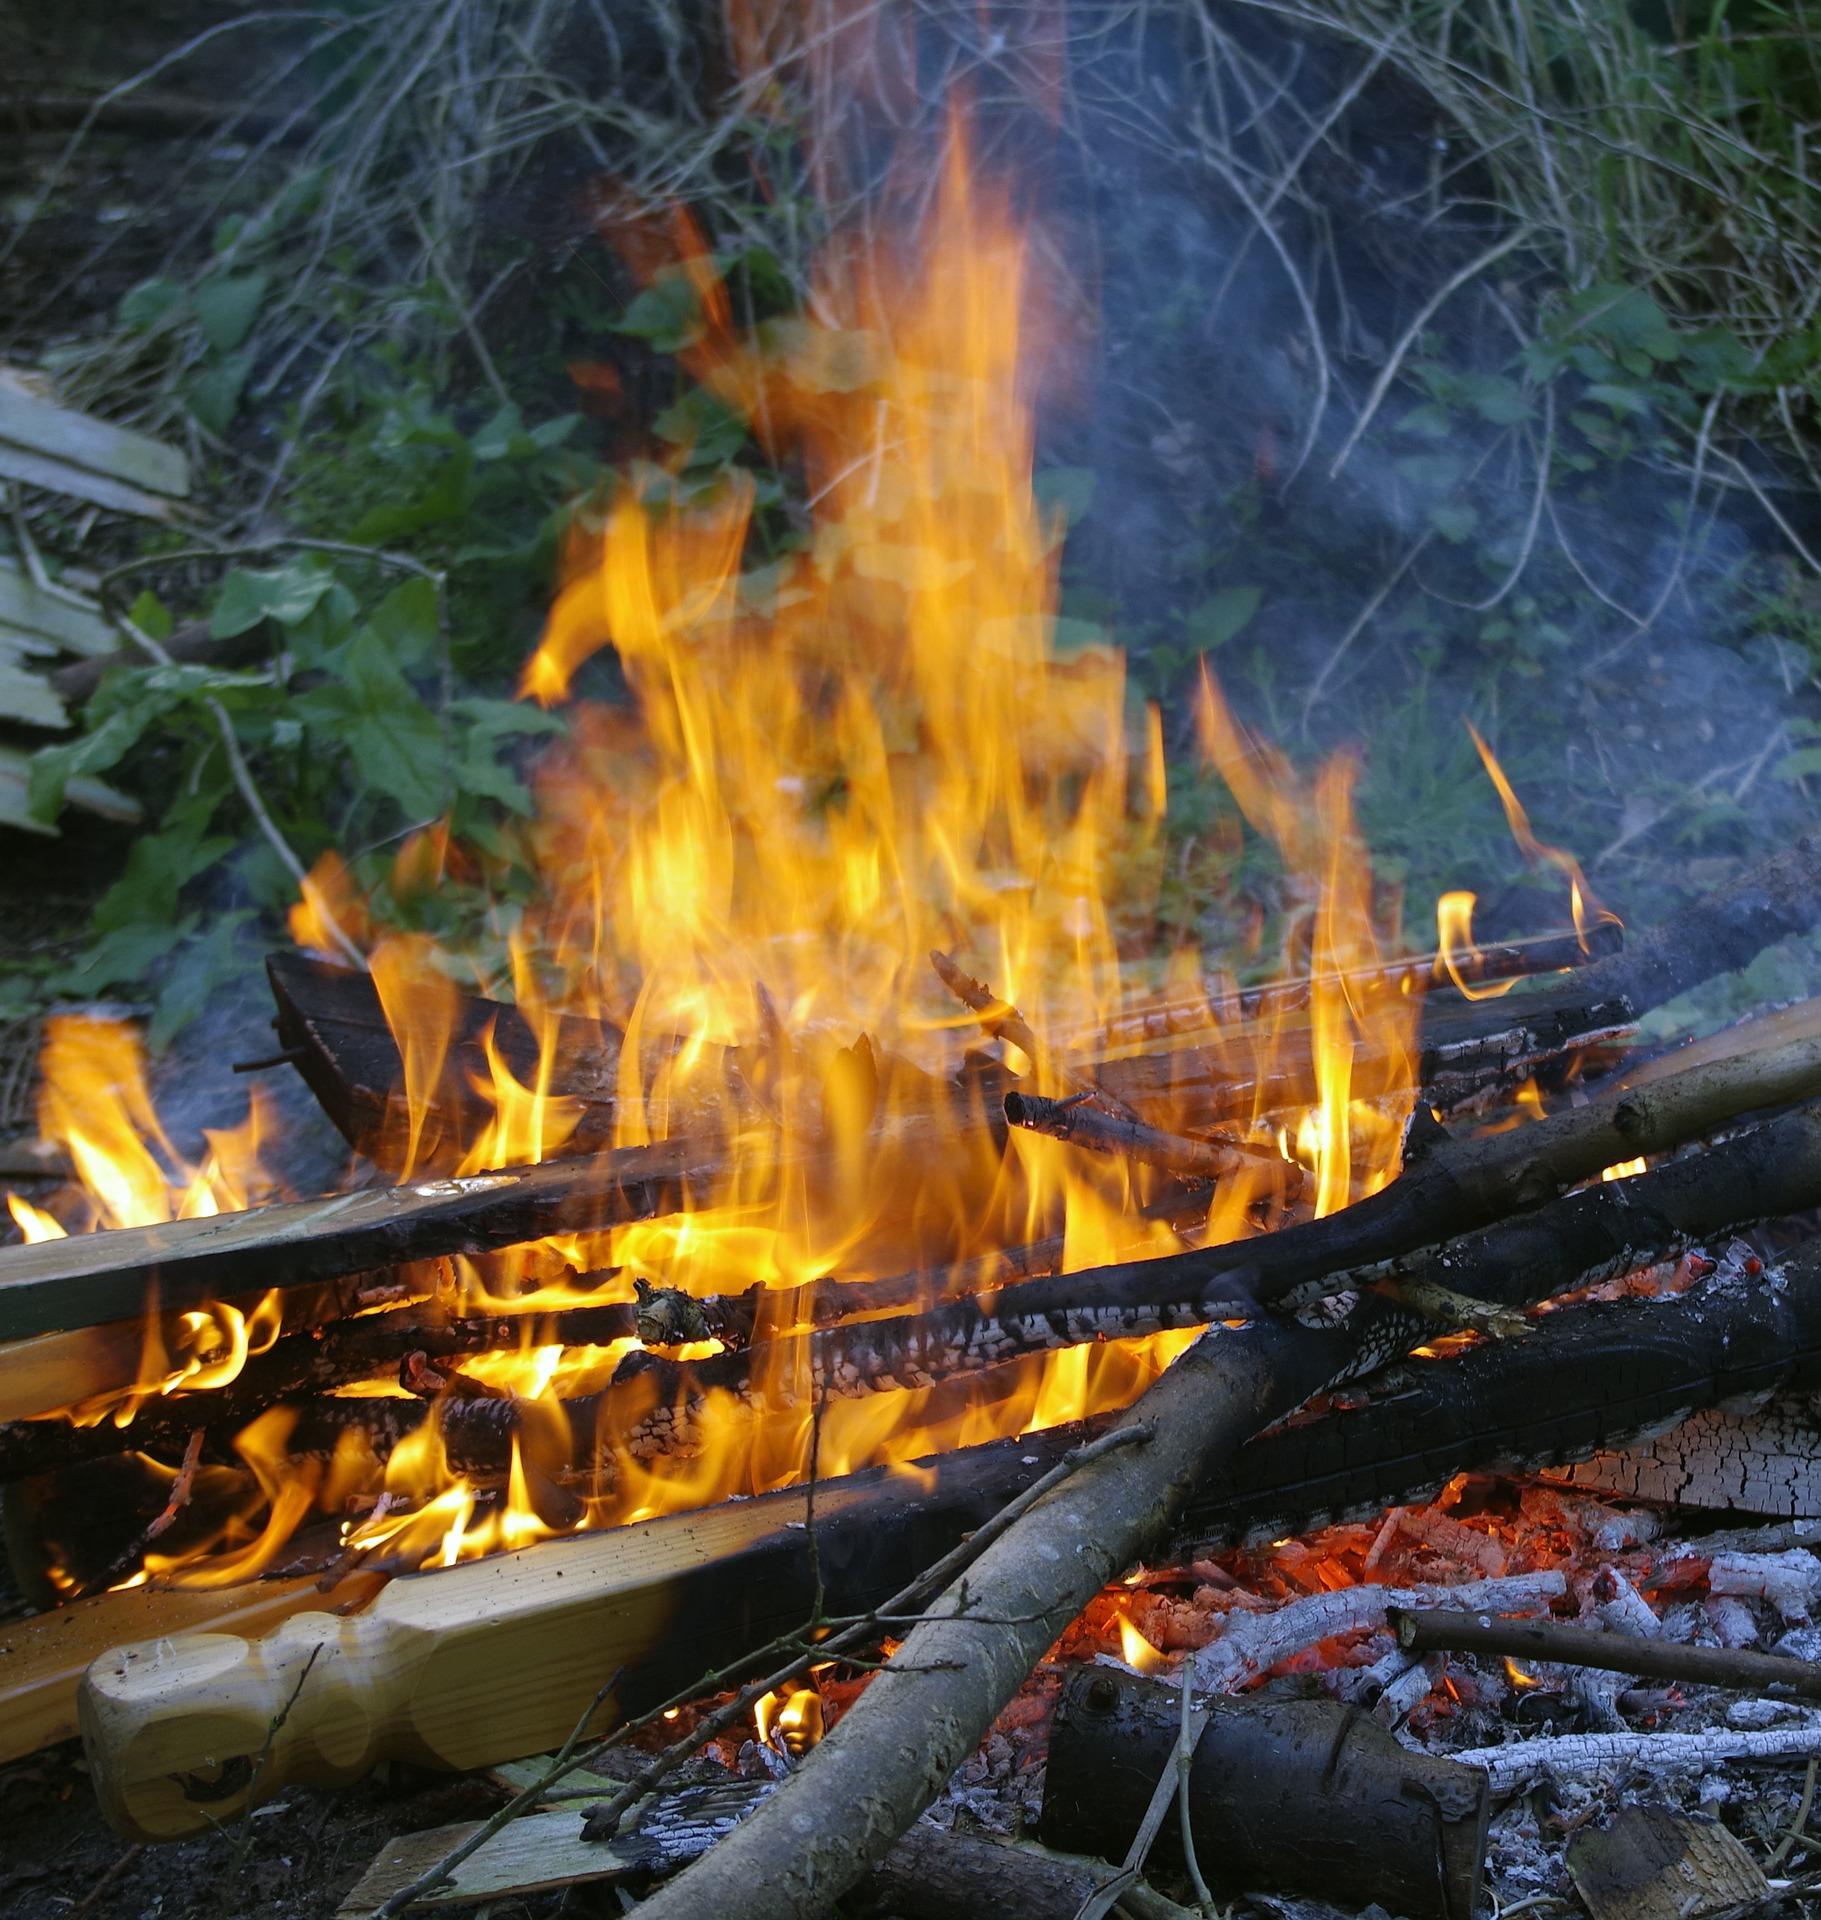 GMINA KOLBUSZOWA. Z ogniem na podwórku - Zdjęcie główne